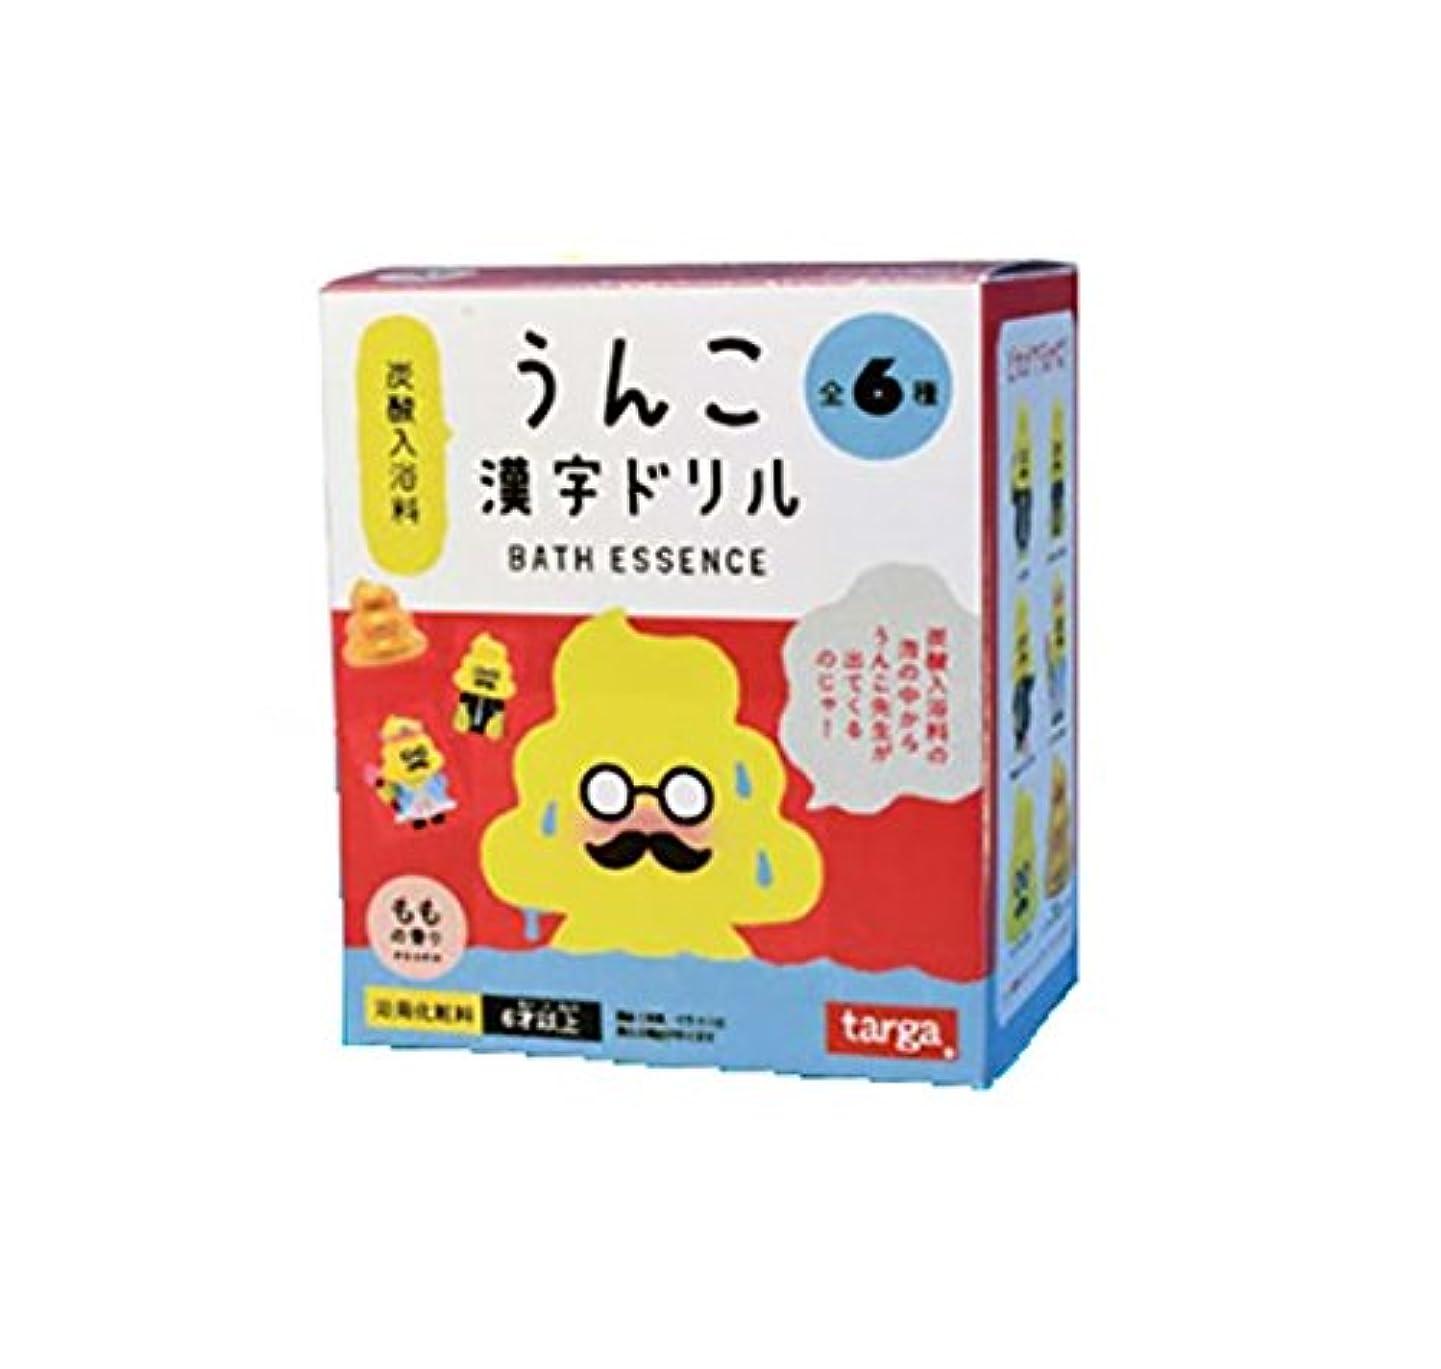 ドット支給シャープうんこ漢字ドリル 炭酸入浴料 BOX